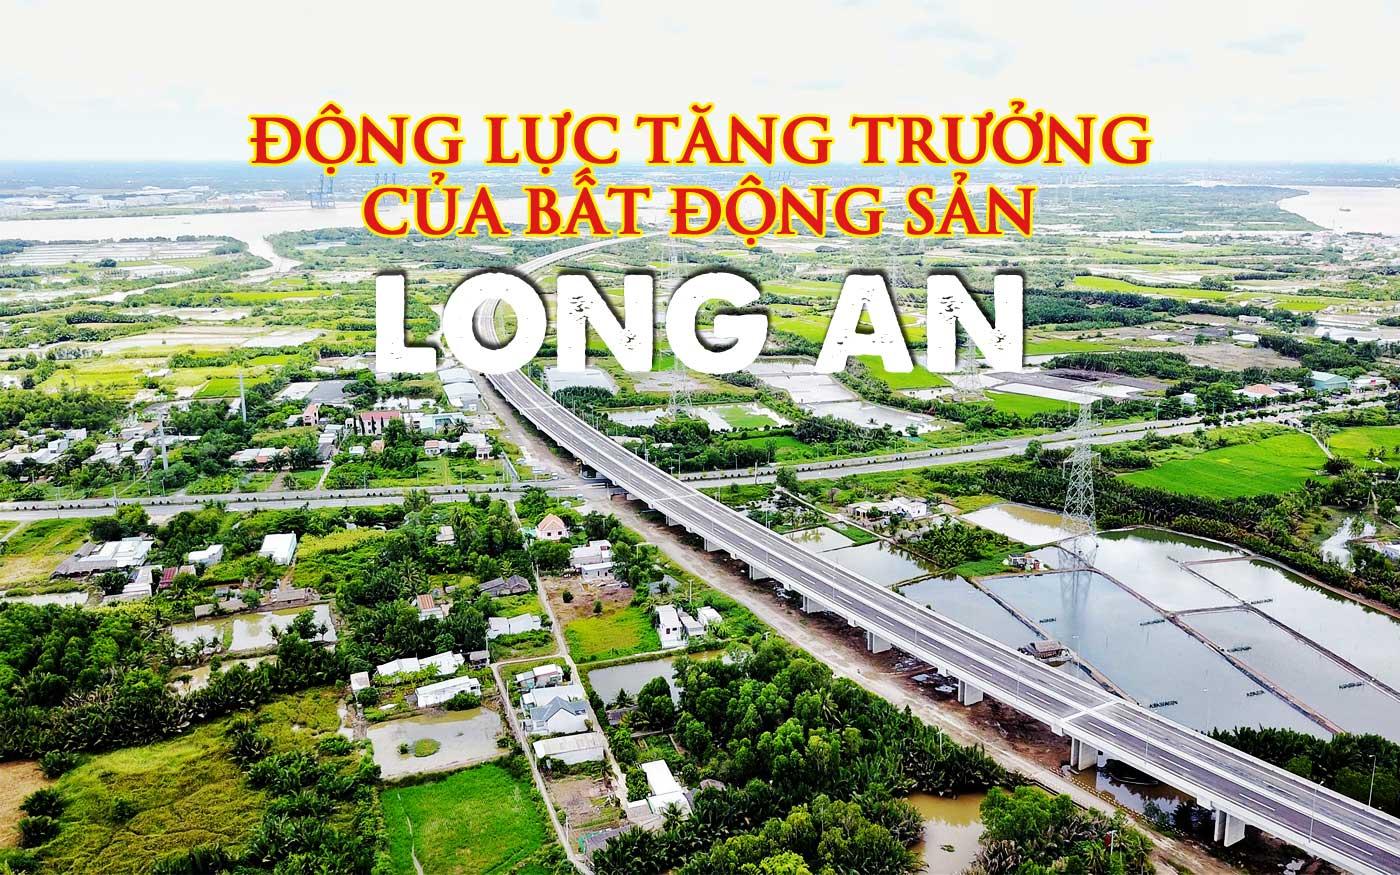 Long An sẽ tiếp tục tăng trưởng trong những năm tới